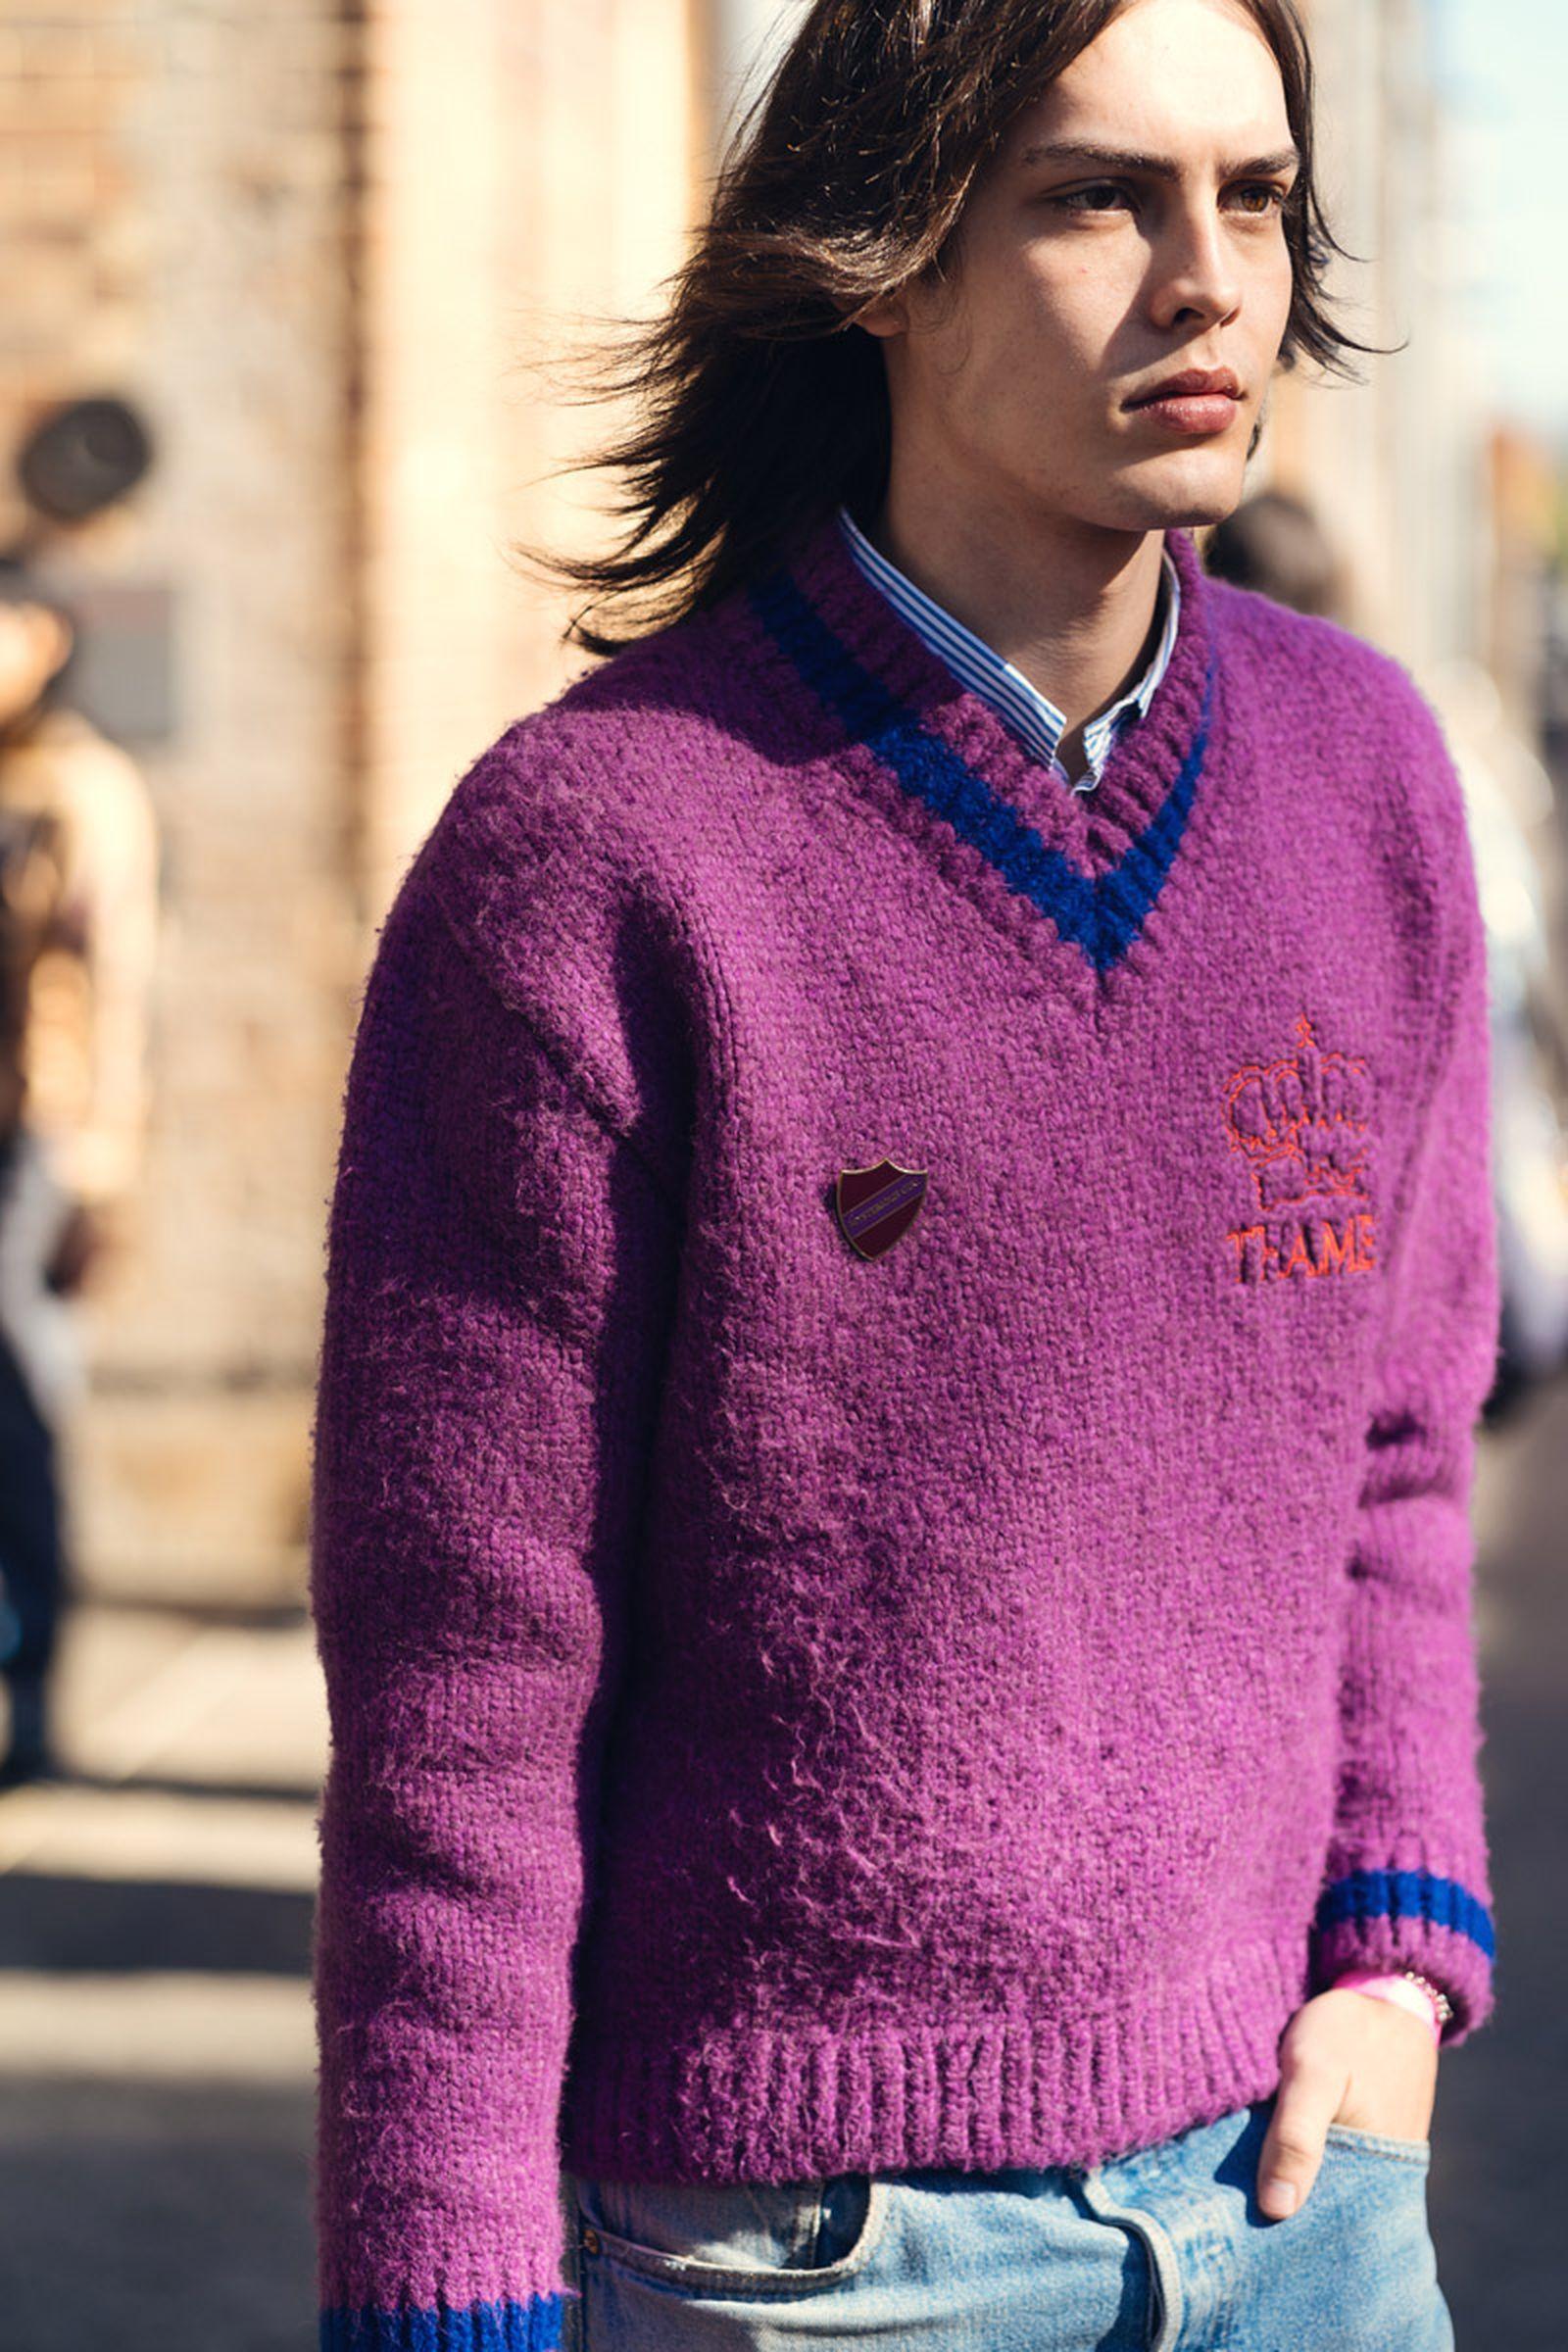 australian-fashion-week-2021-street-style-08